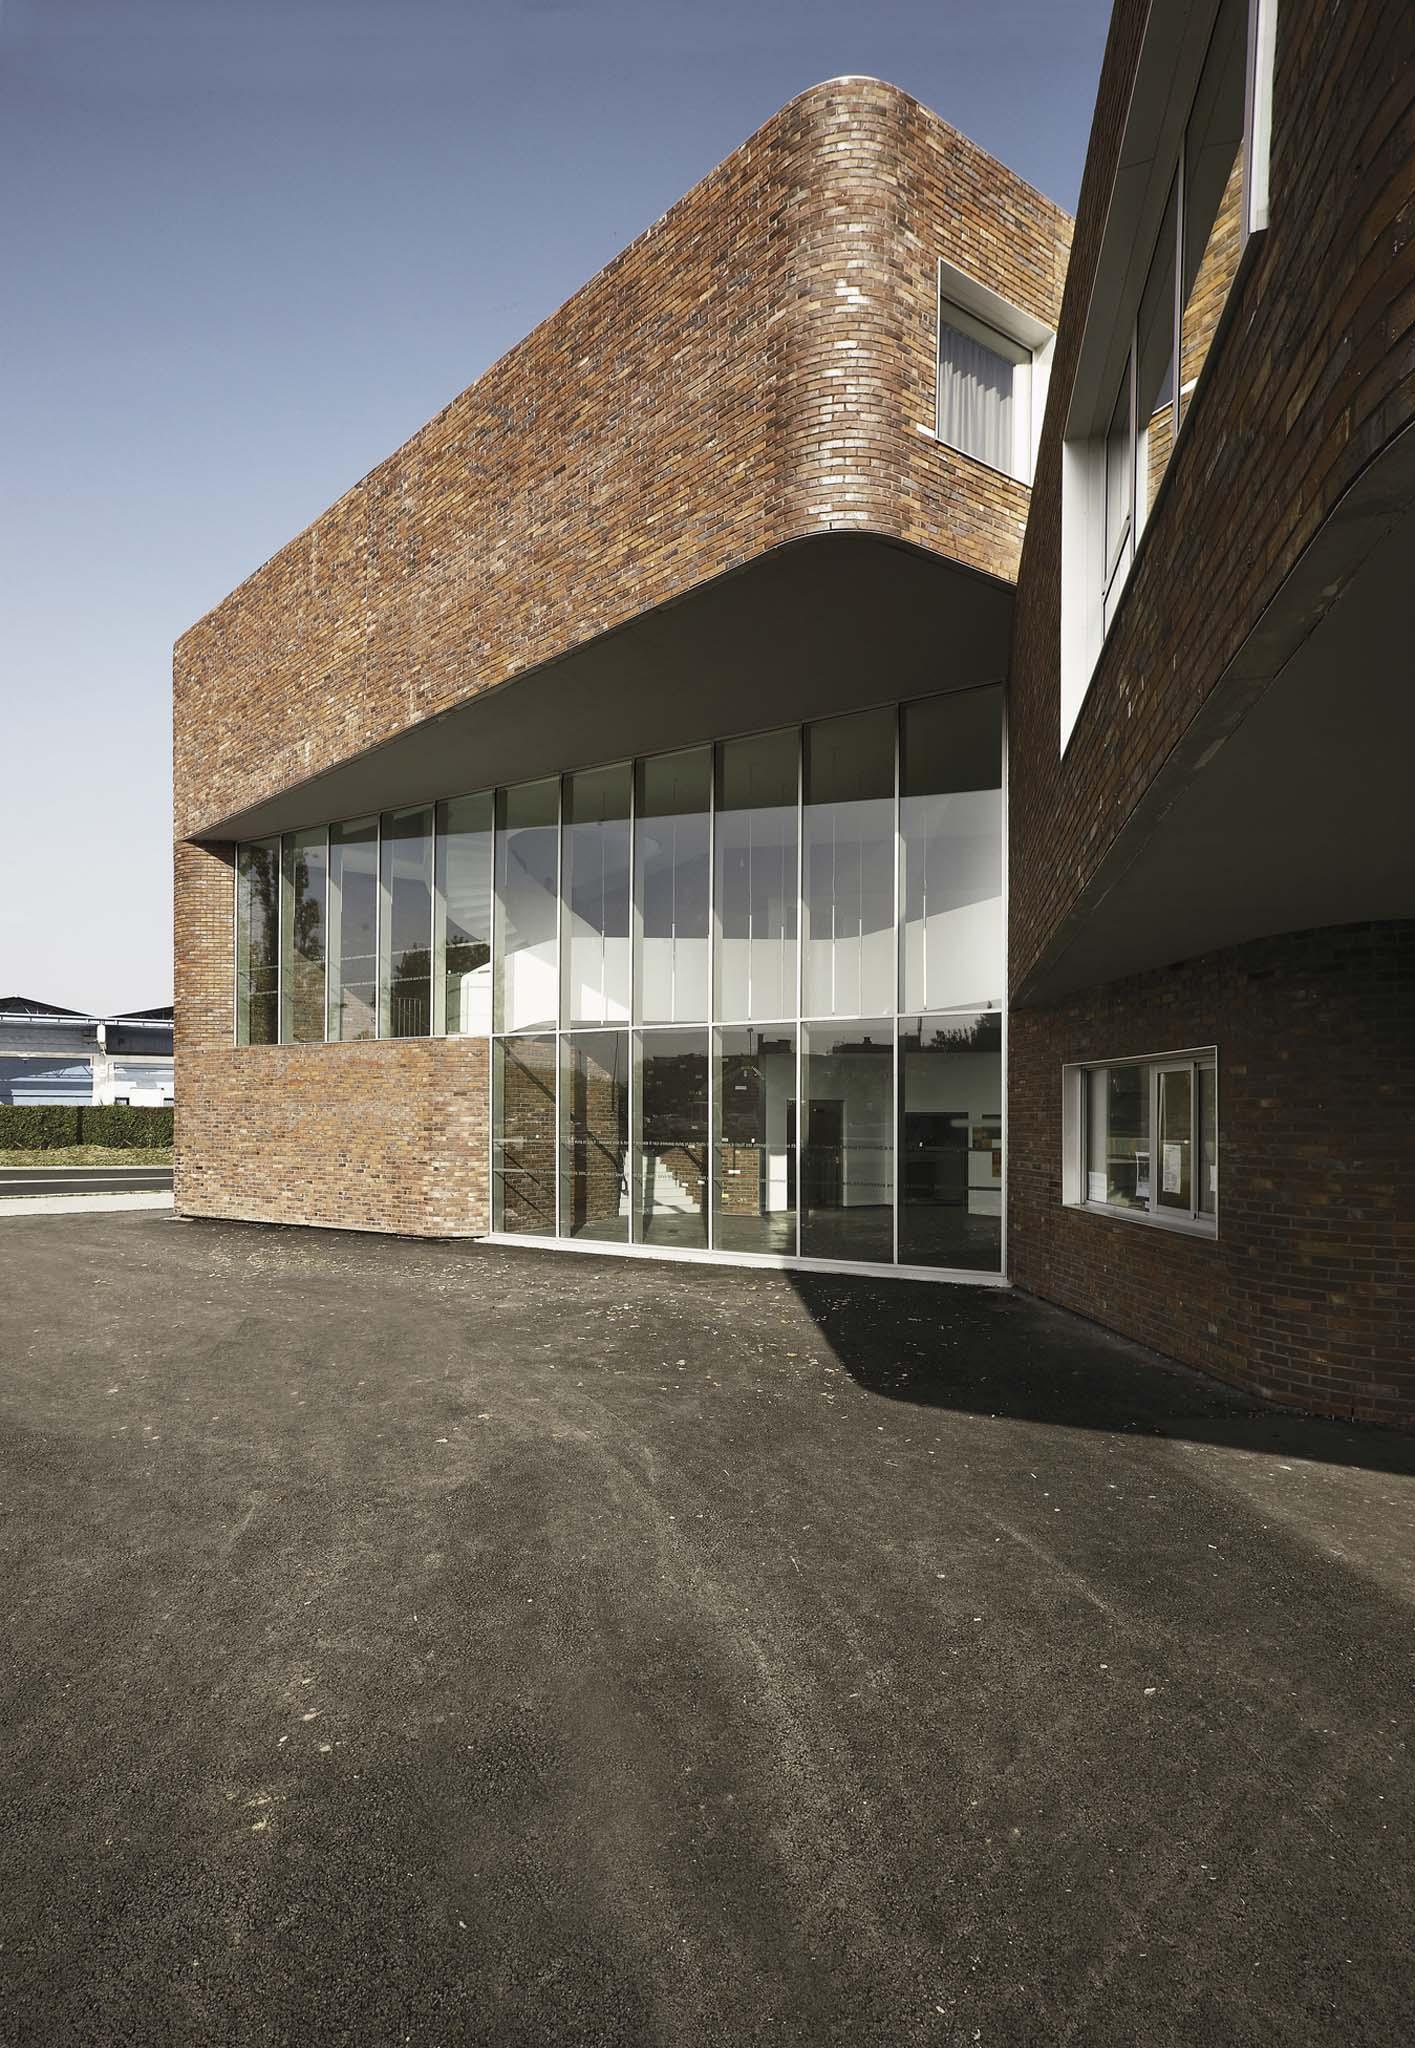 Architectes Lille Équerre d'argent 2010 / nominÉ - tank architectes - collÈge claude